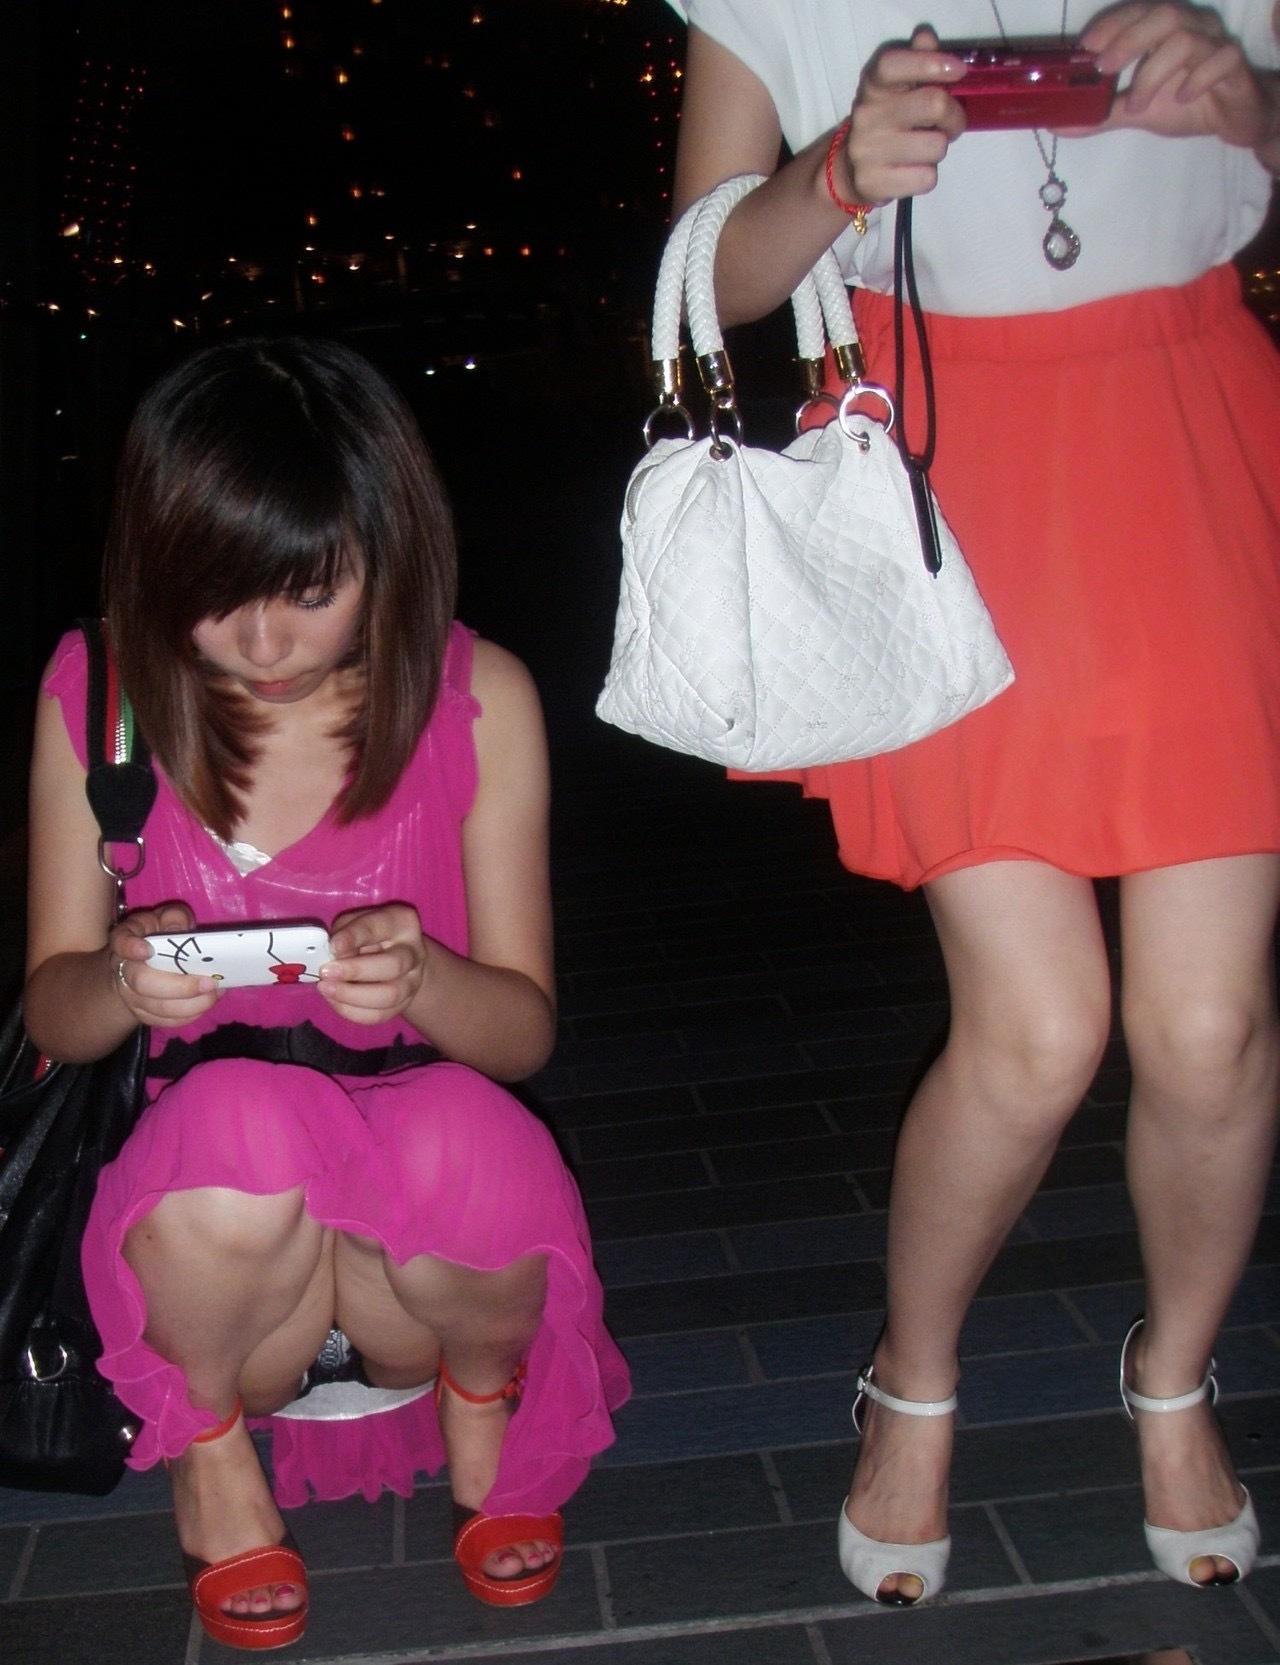 Девушка в розовом платье засветила черно-белые трусики